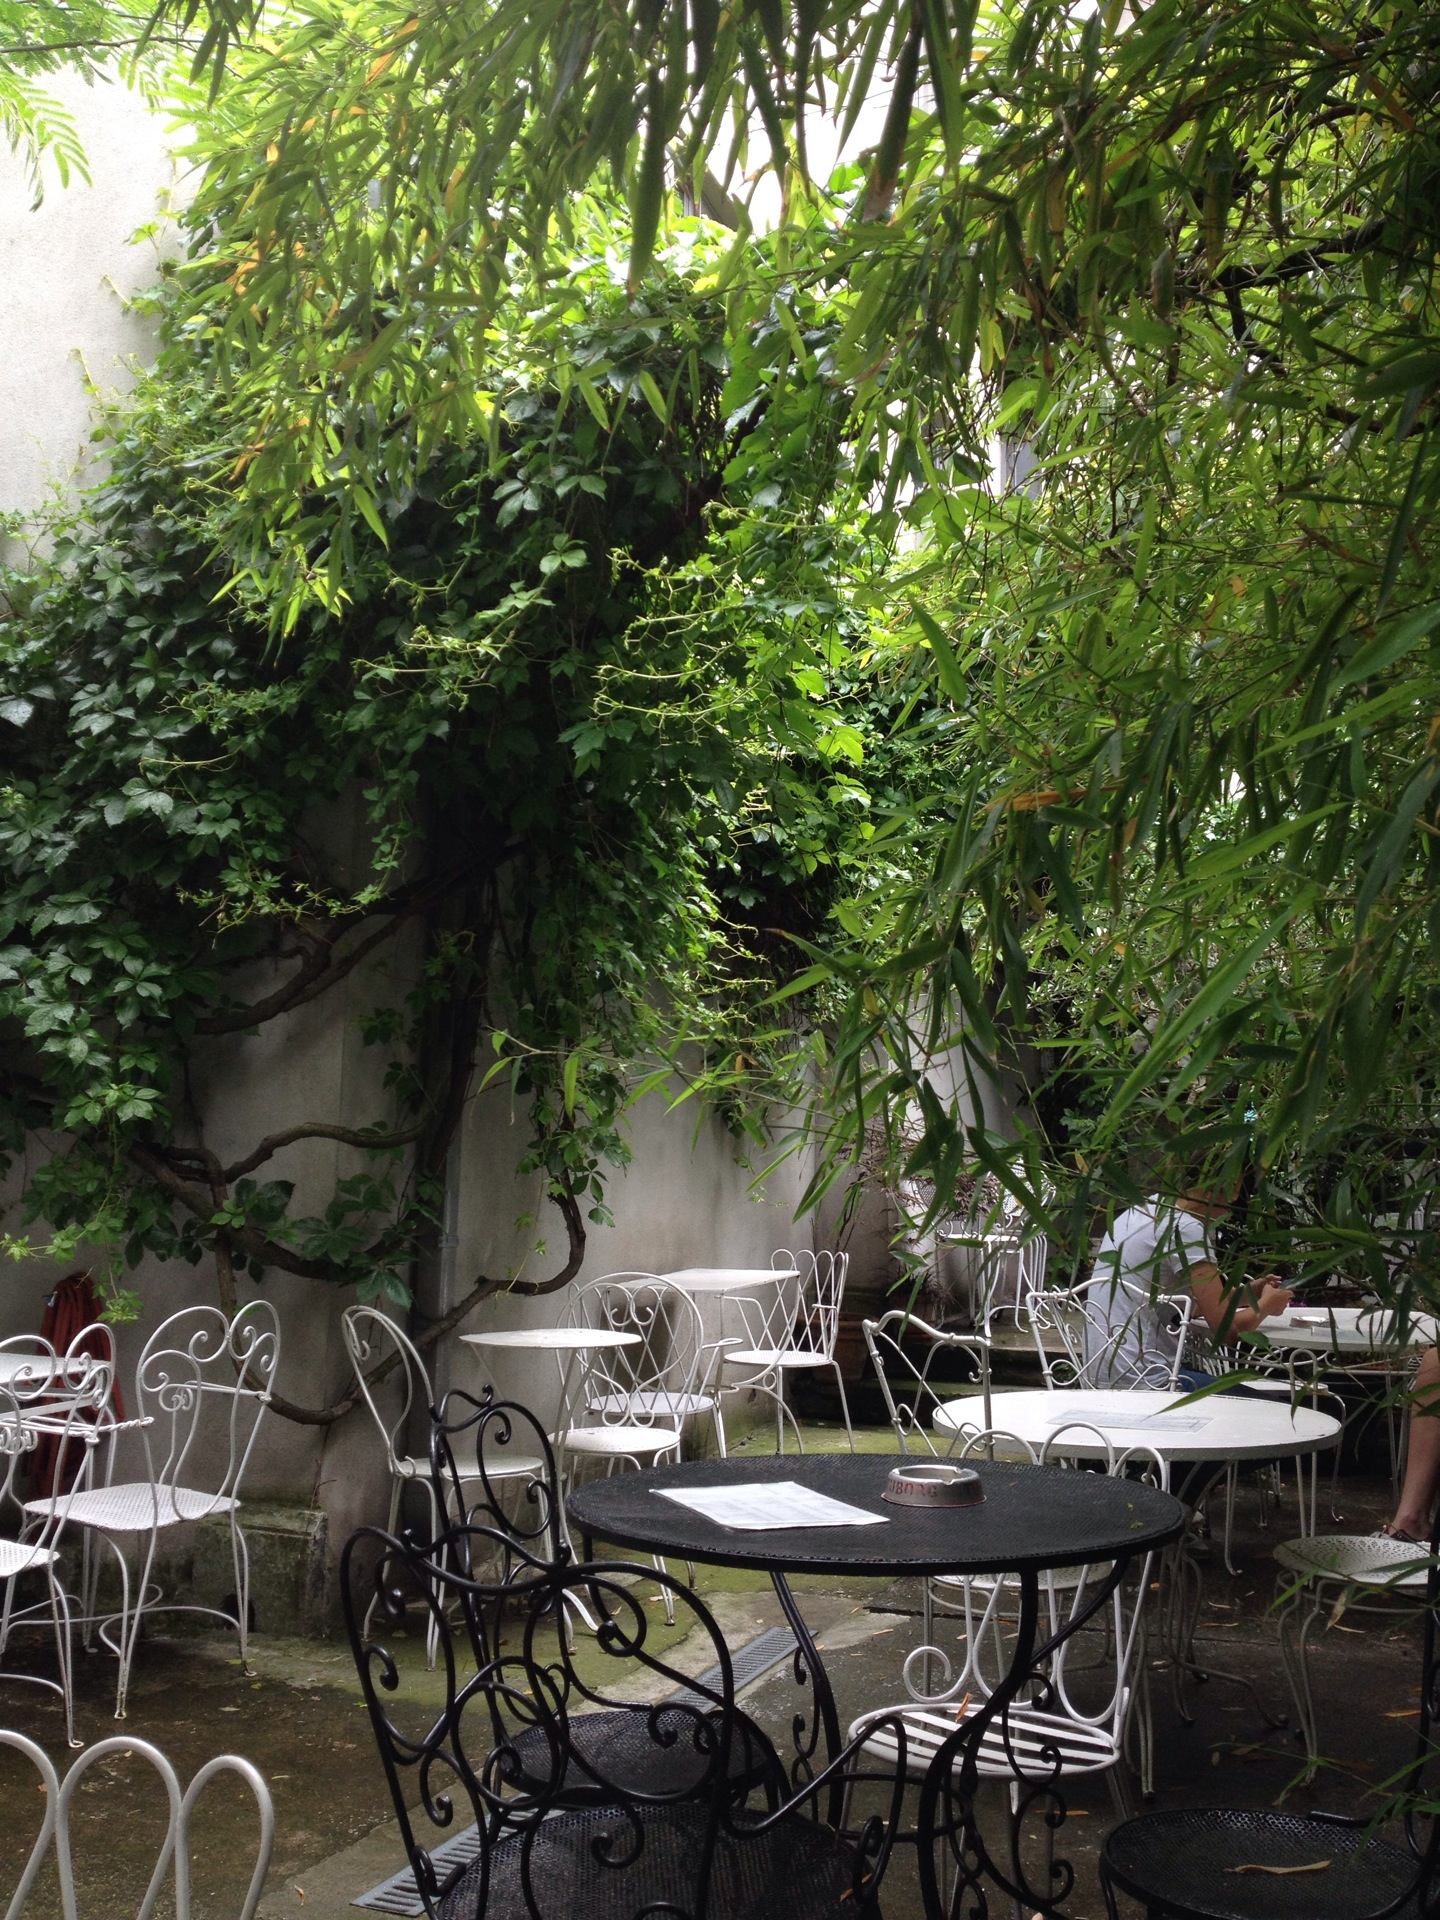 Groene plekjes,Take 5 minutes in Paris,Antwerpen,bar,Kloosterstraat